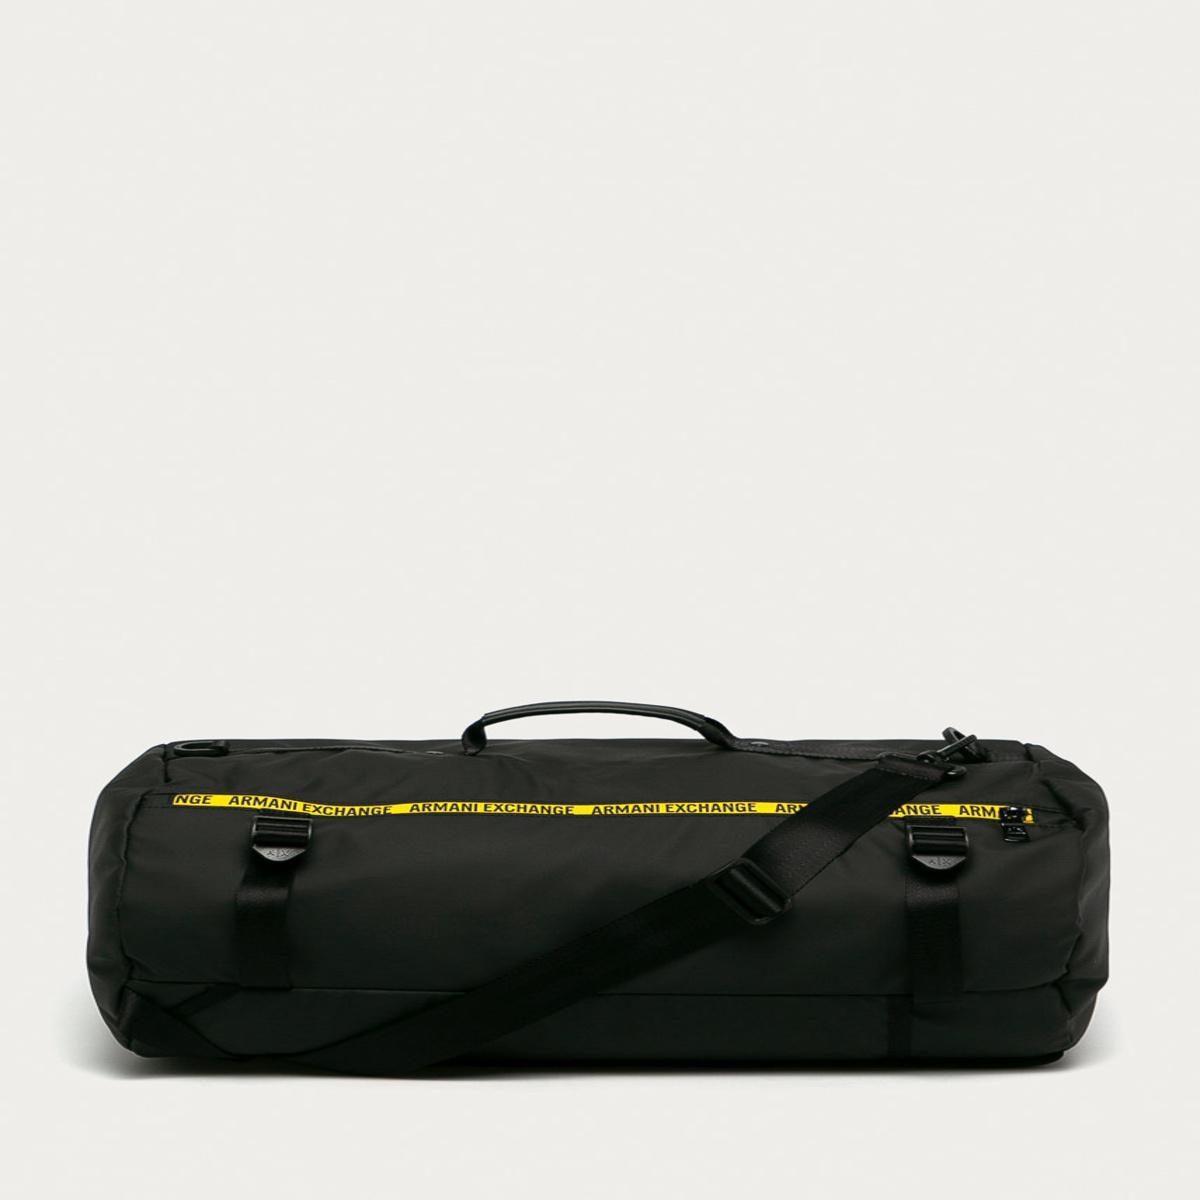 Duffle Homme noir ? sac polochon - 3 suisses - Modalova